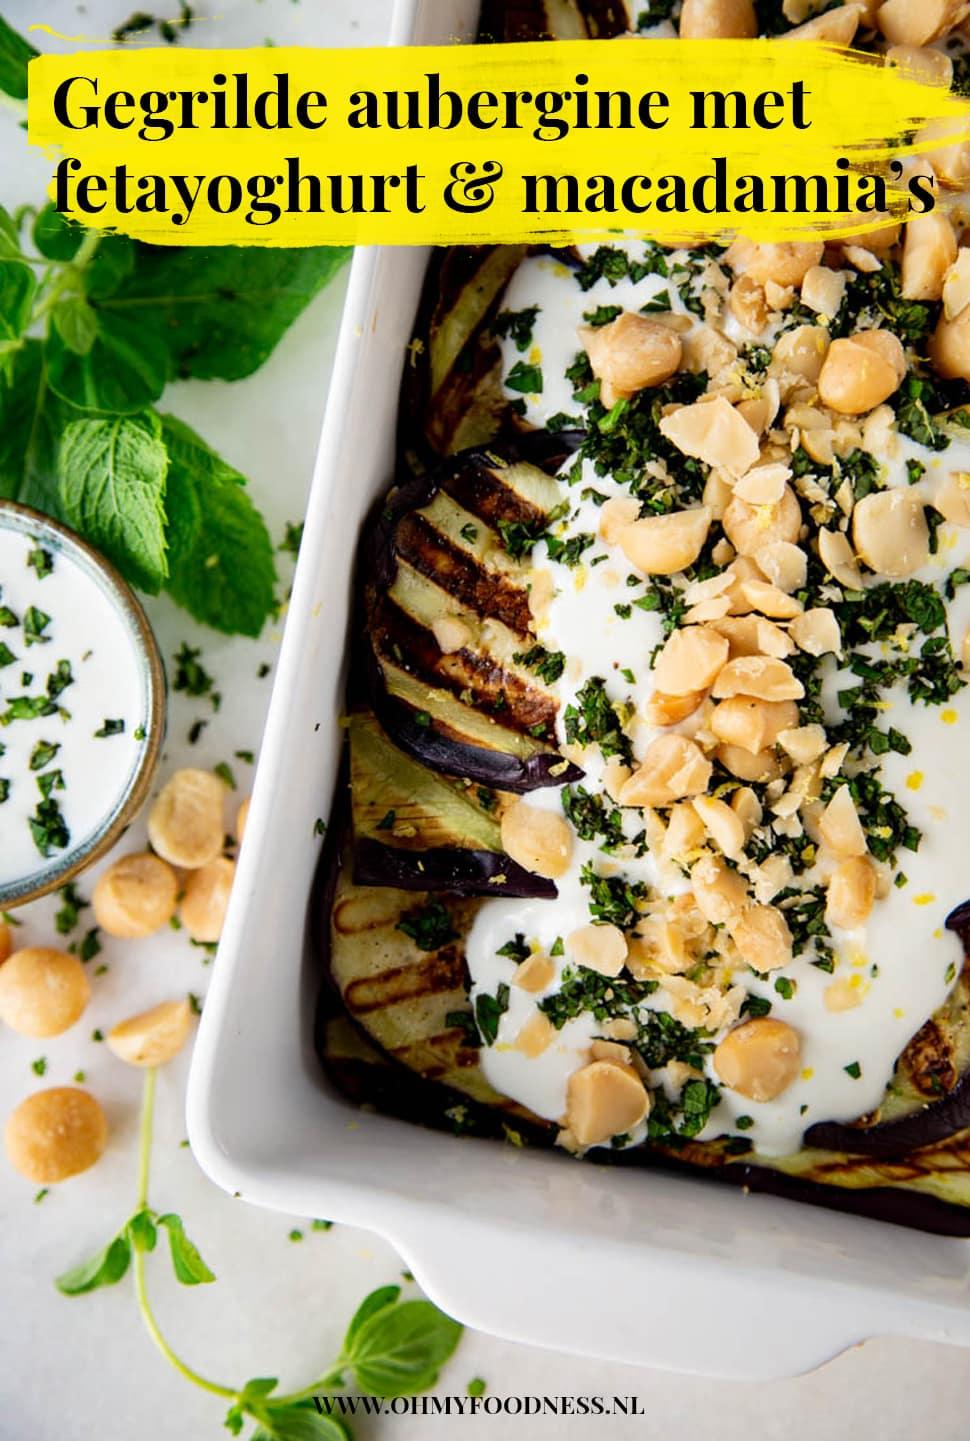 Gegrilde aubergine met fetayoghurt